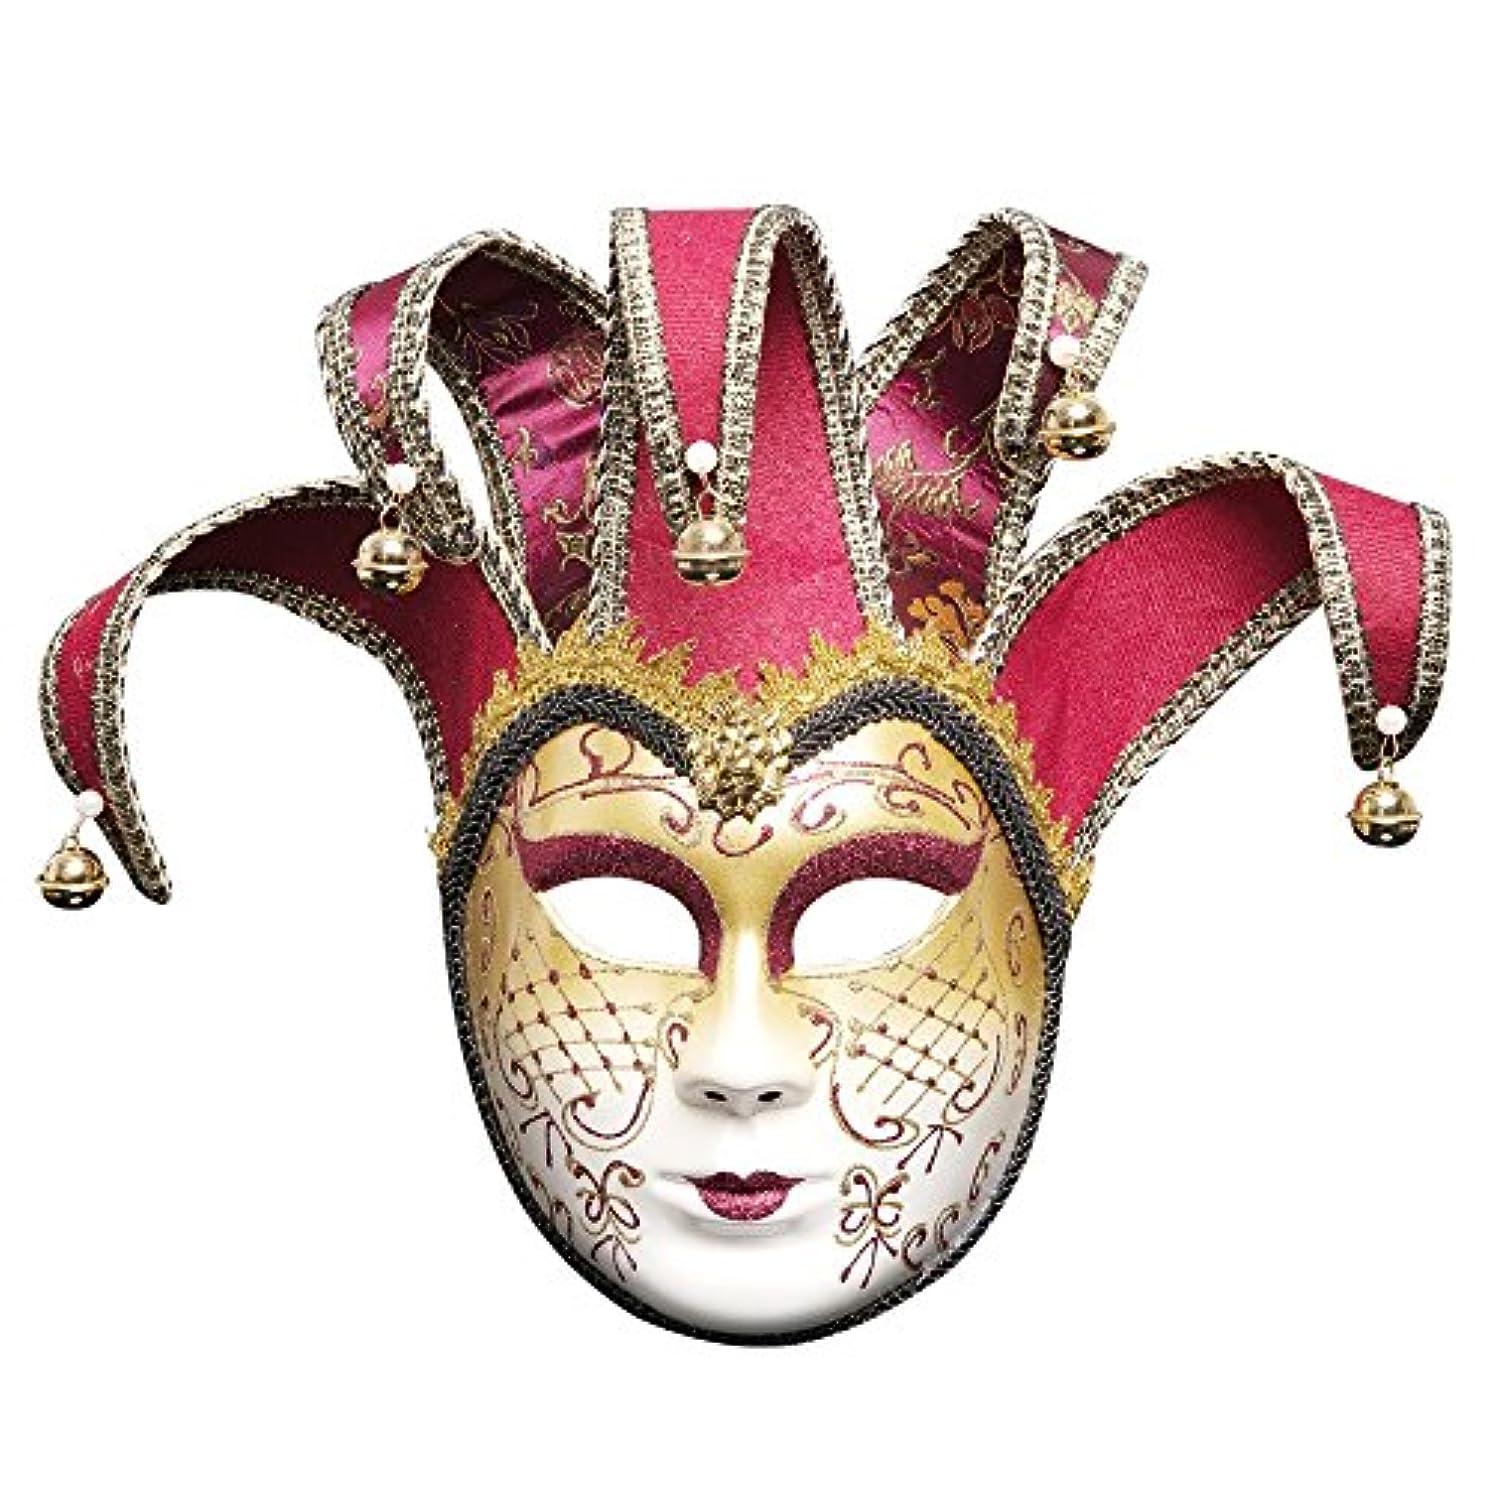 橋脚慣れるハロウィンボールパーティーマスククリスマスクリエイティブ新しいフルフェイスメイクアップマスク (Color : A)